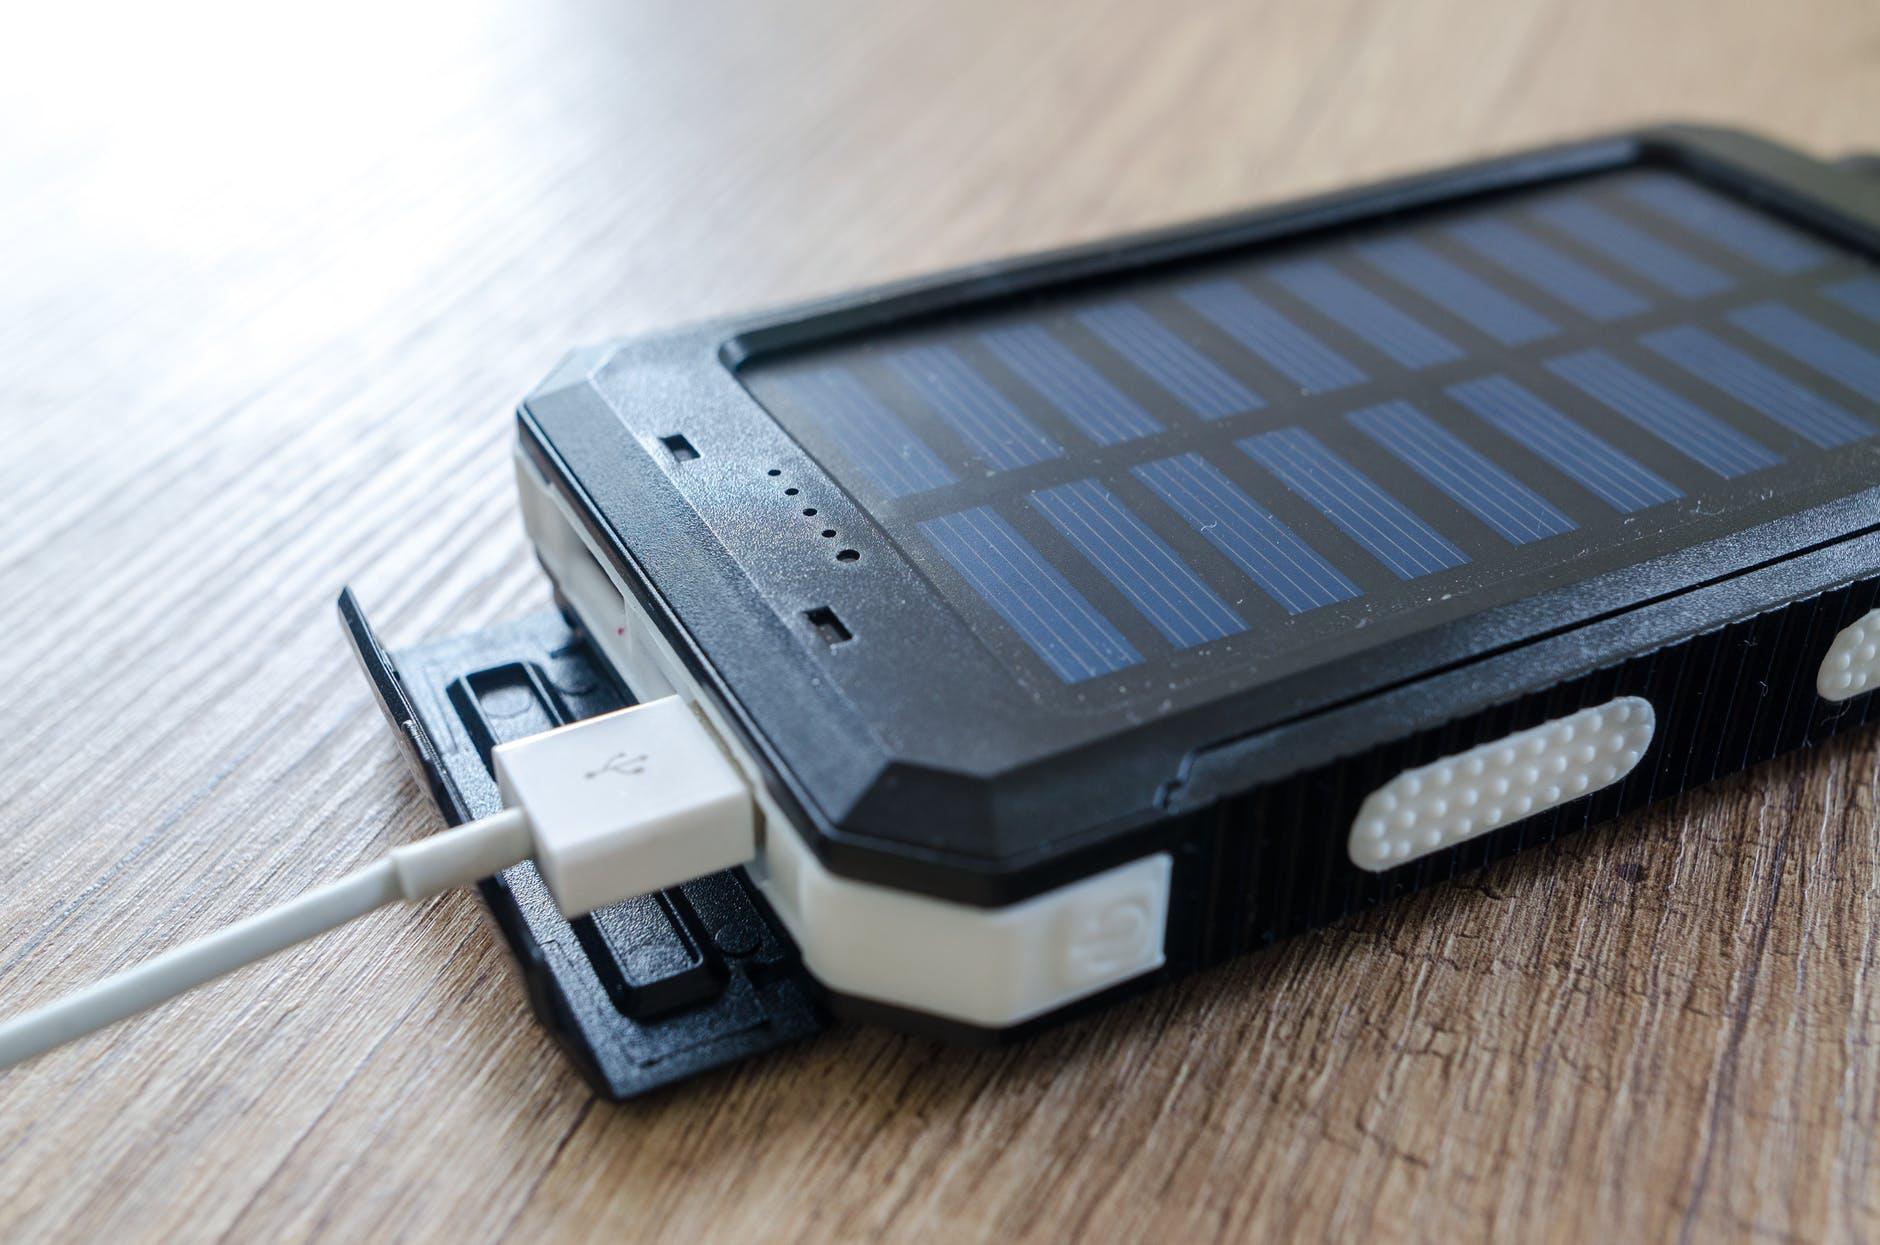 gadgetsessenciaispowerbanksolar 1 - Gadgets essenciais que facilitarão sua vida